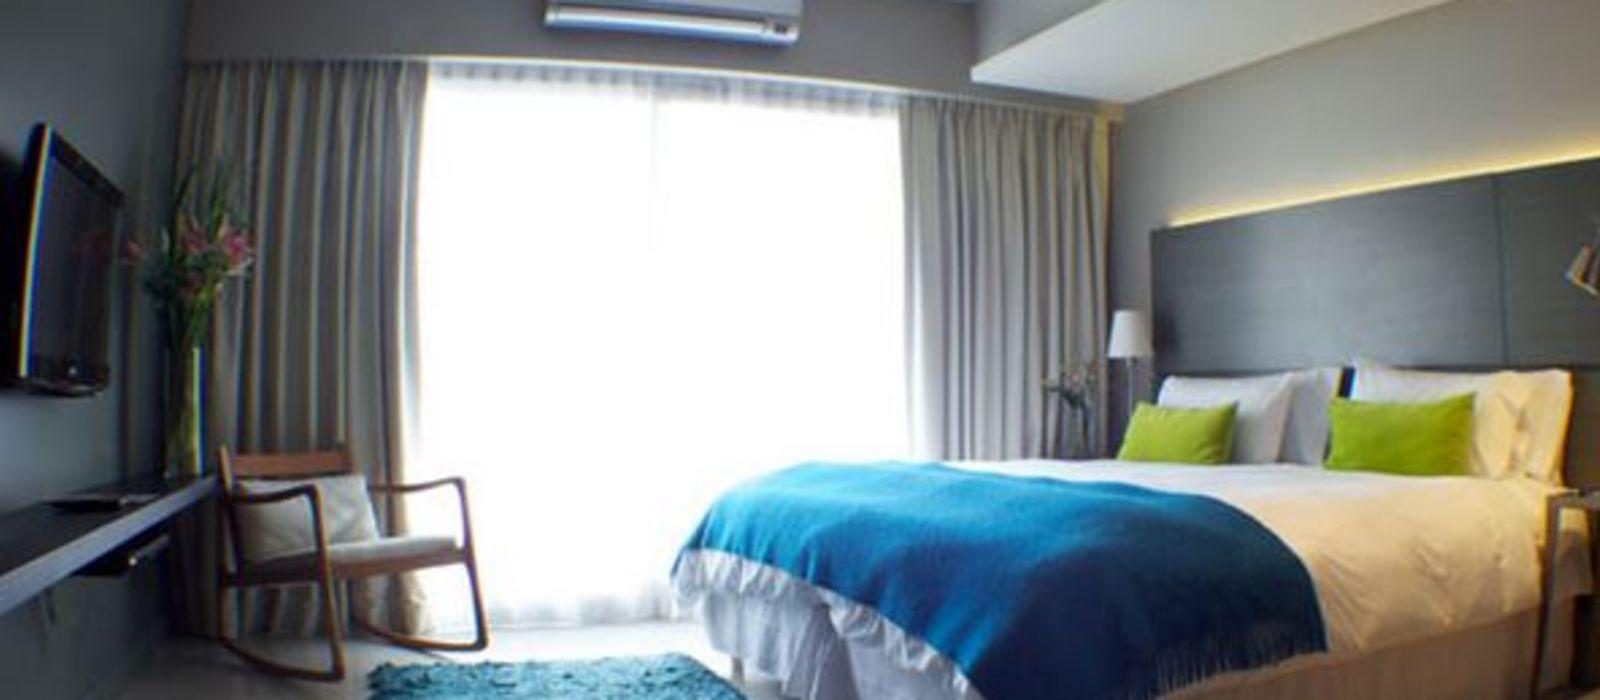 Hotel Atempo Design  Argentina